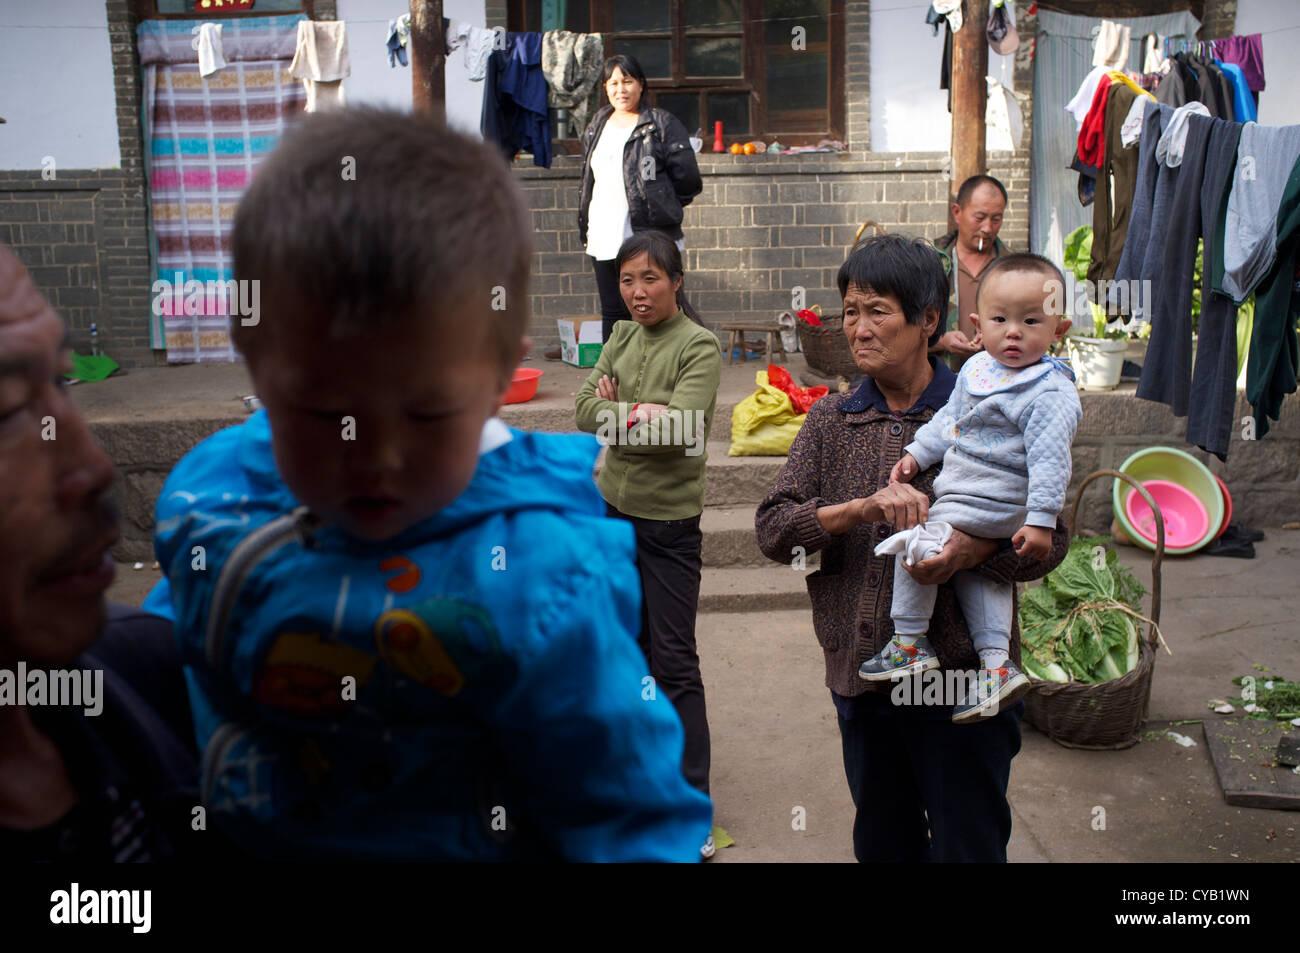 Personnes dans Laofen, Pingshan village - un des officiellement le nom de la comté, province de Hebei, Chine. Photo Stock